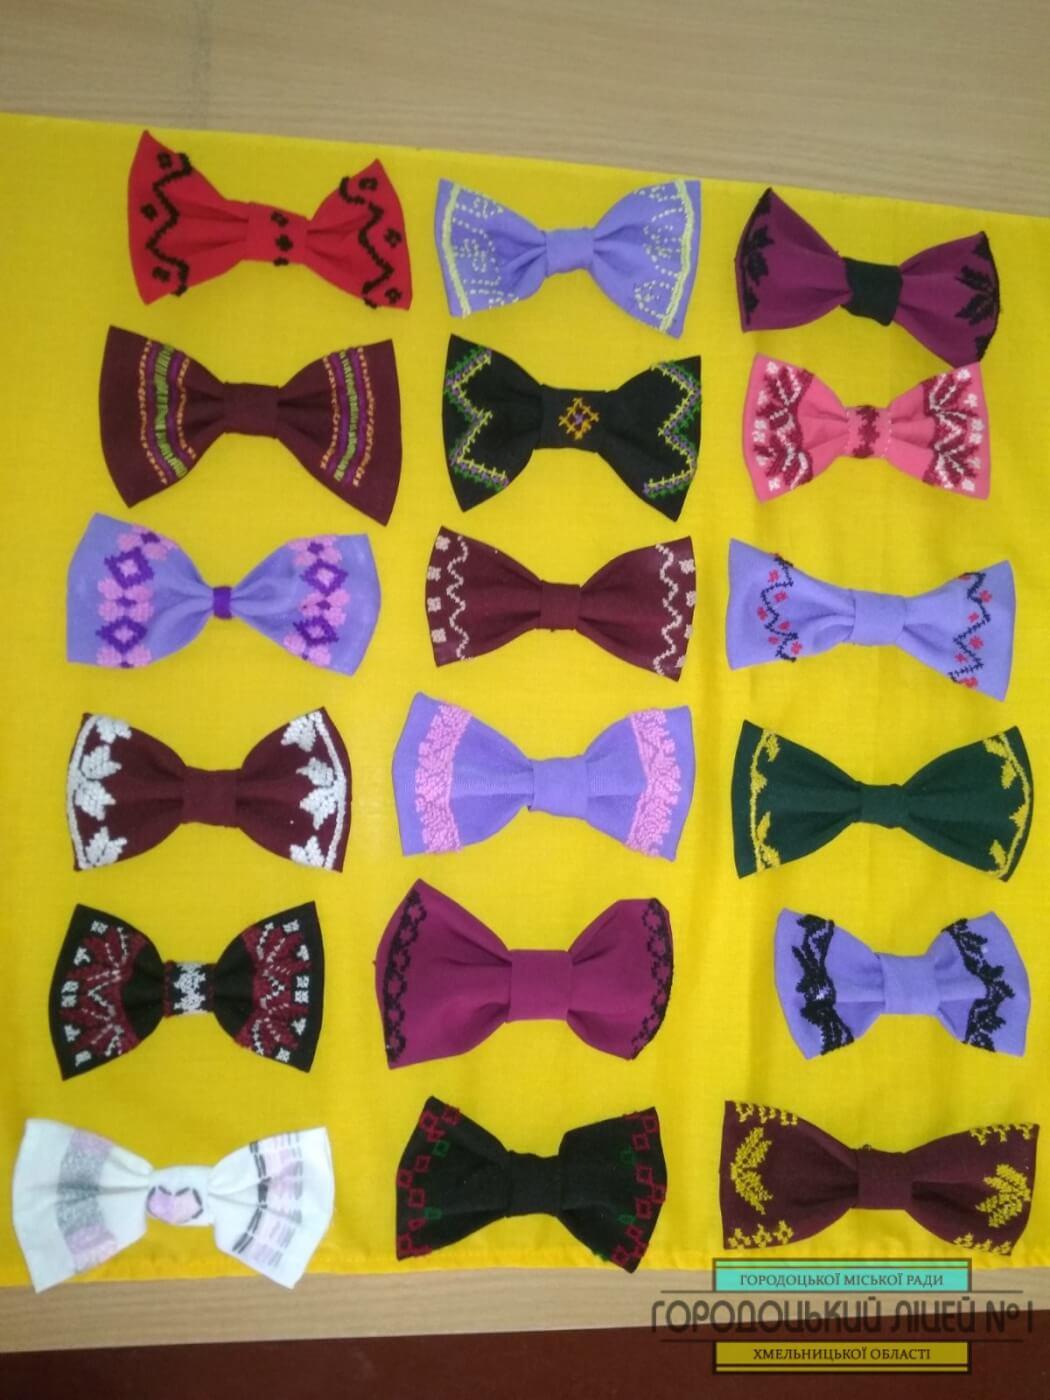 zobrazhennya viber 2019 12 09 14 28 58 - Краватка-метелик в українському стилі